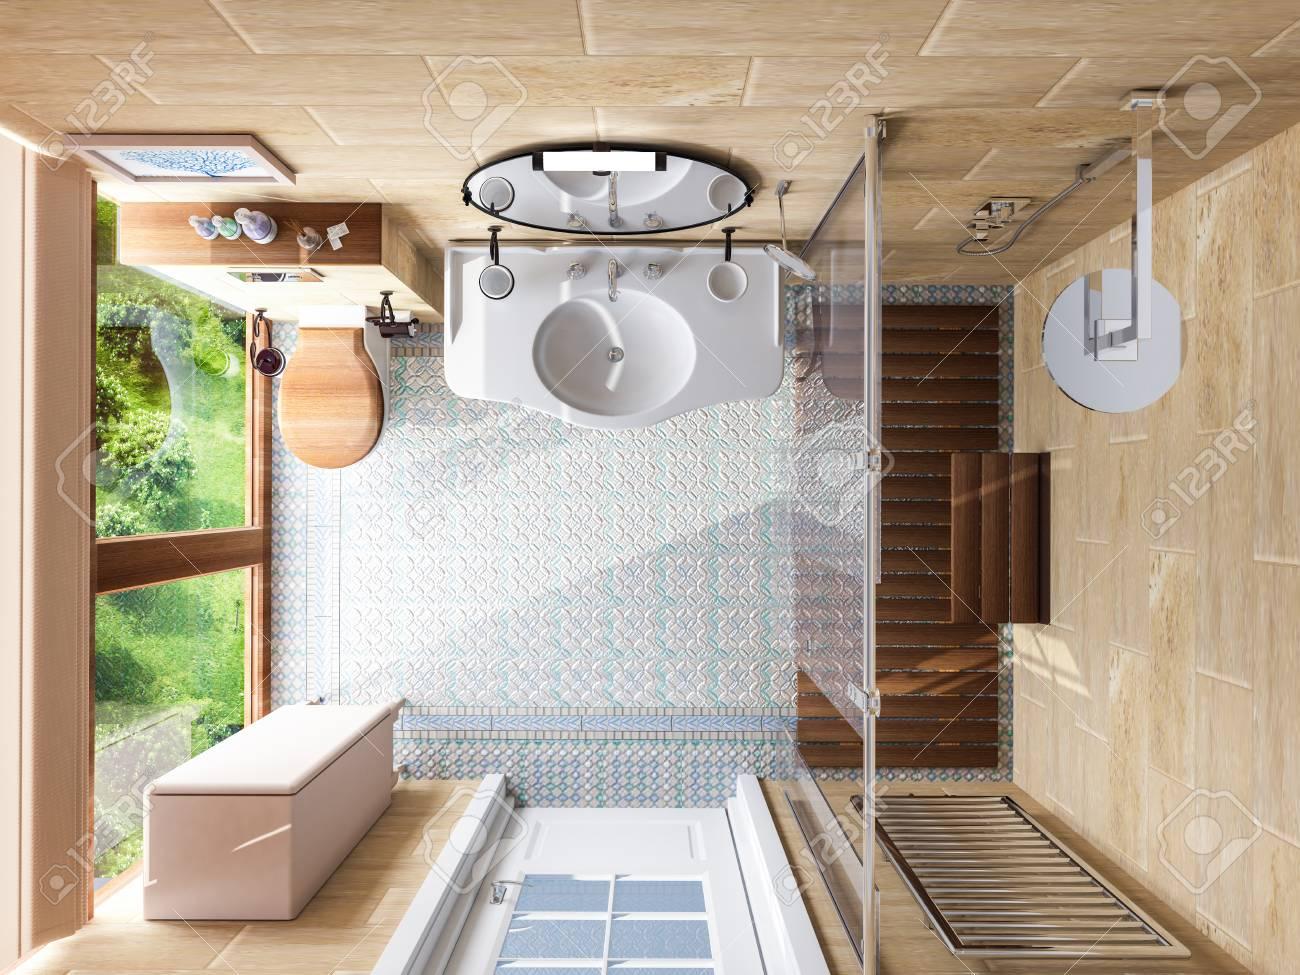 Modelo interior del cuarto de baño. Ilustración 3D.